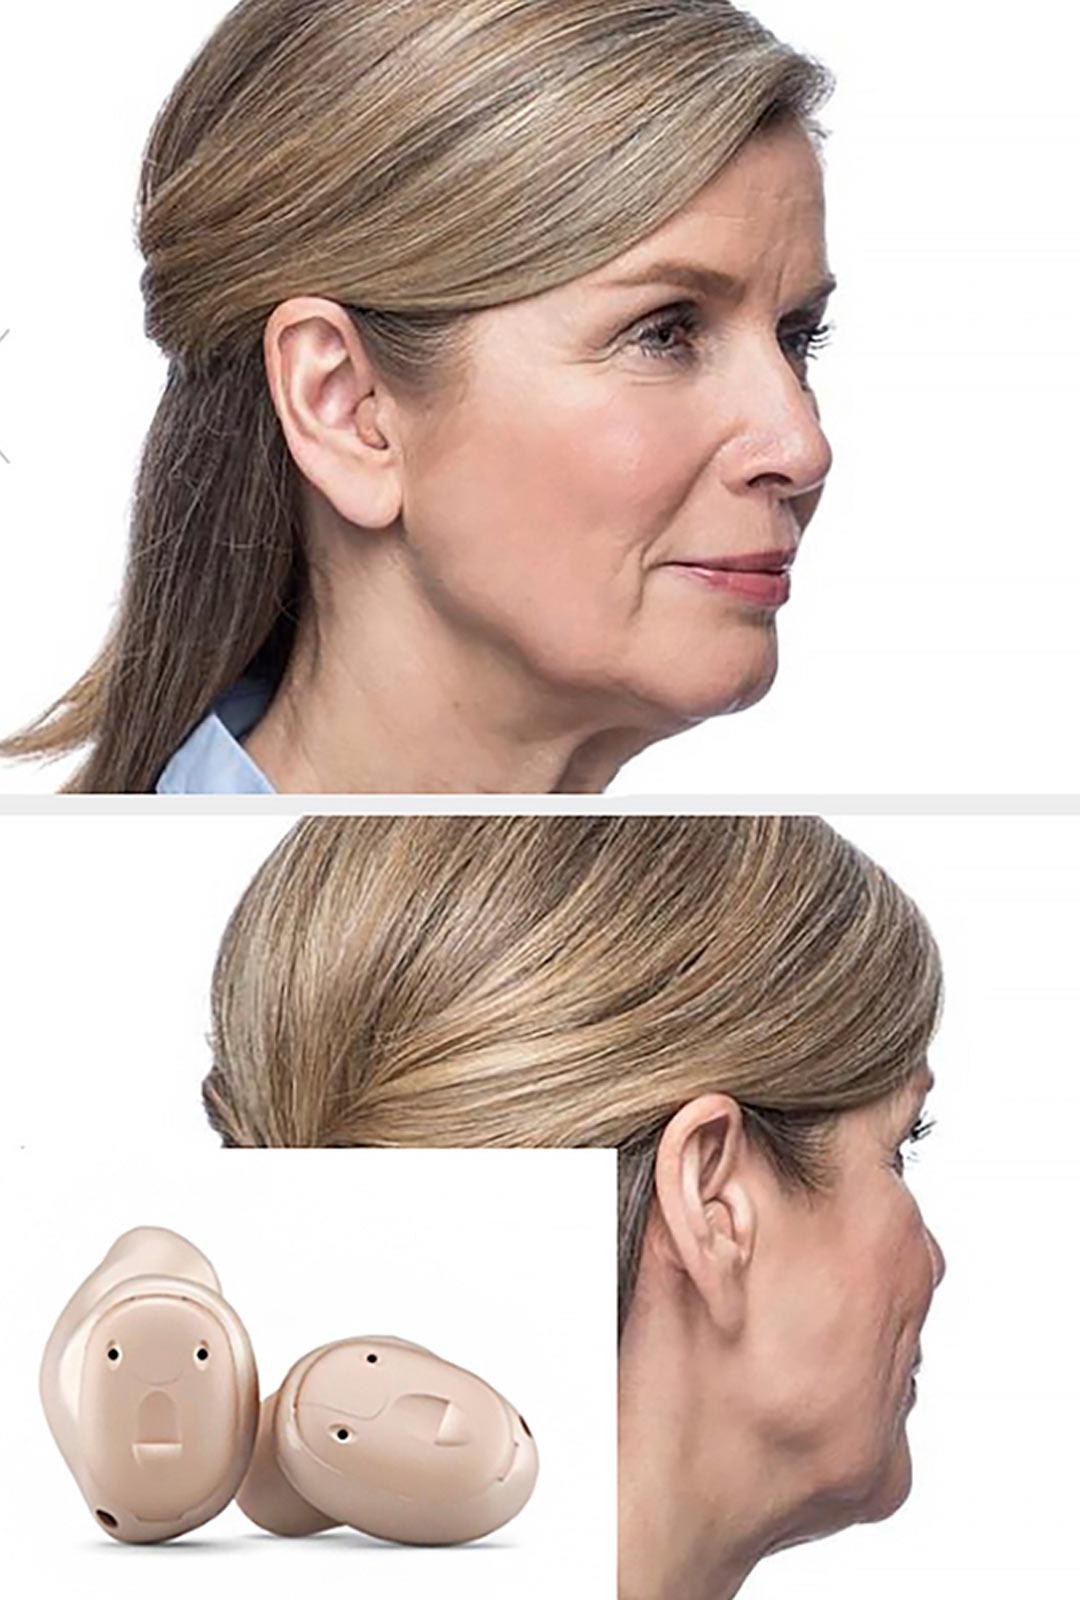 Kuulokoje räätälöidään juuri sinun korviisi ja kuuloosi sopivaksi.